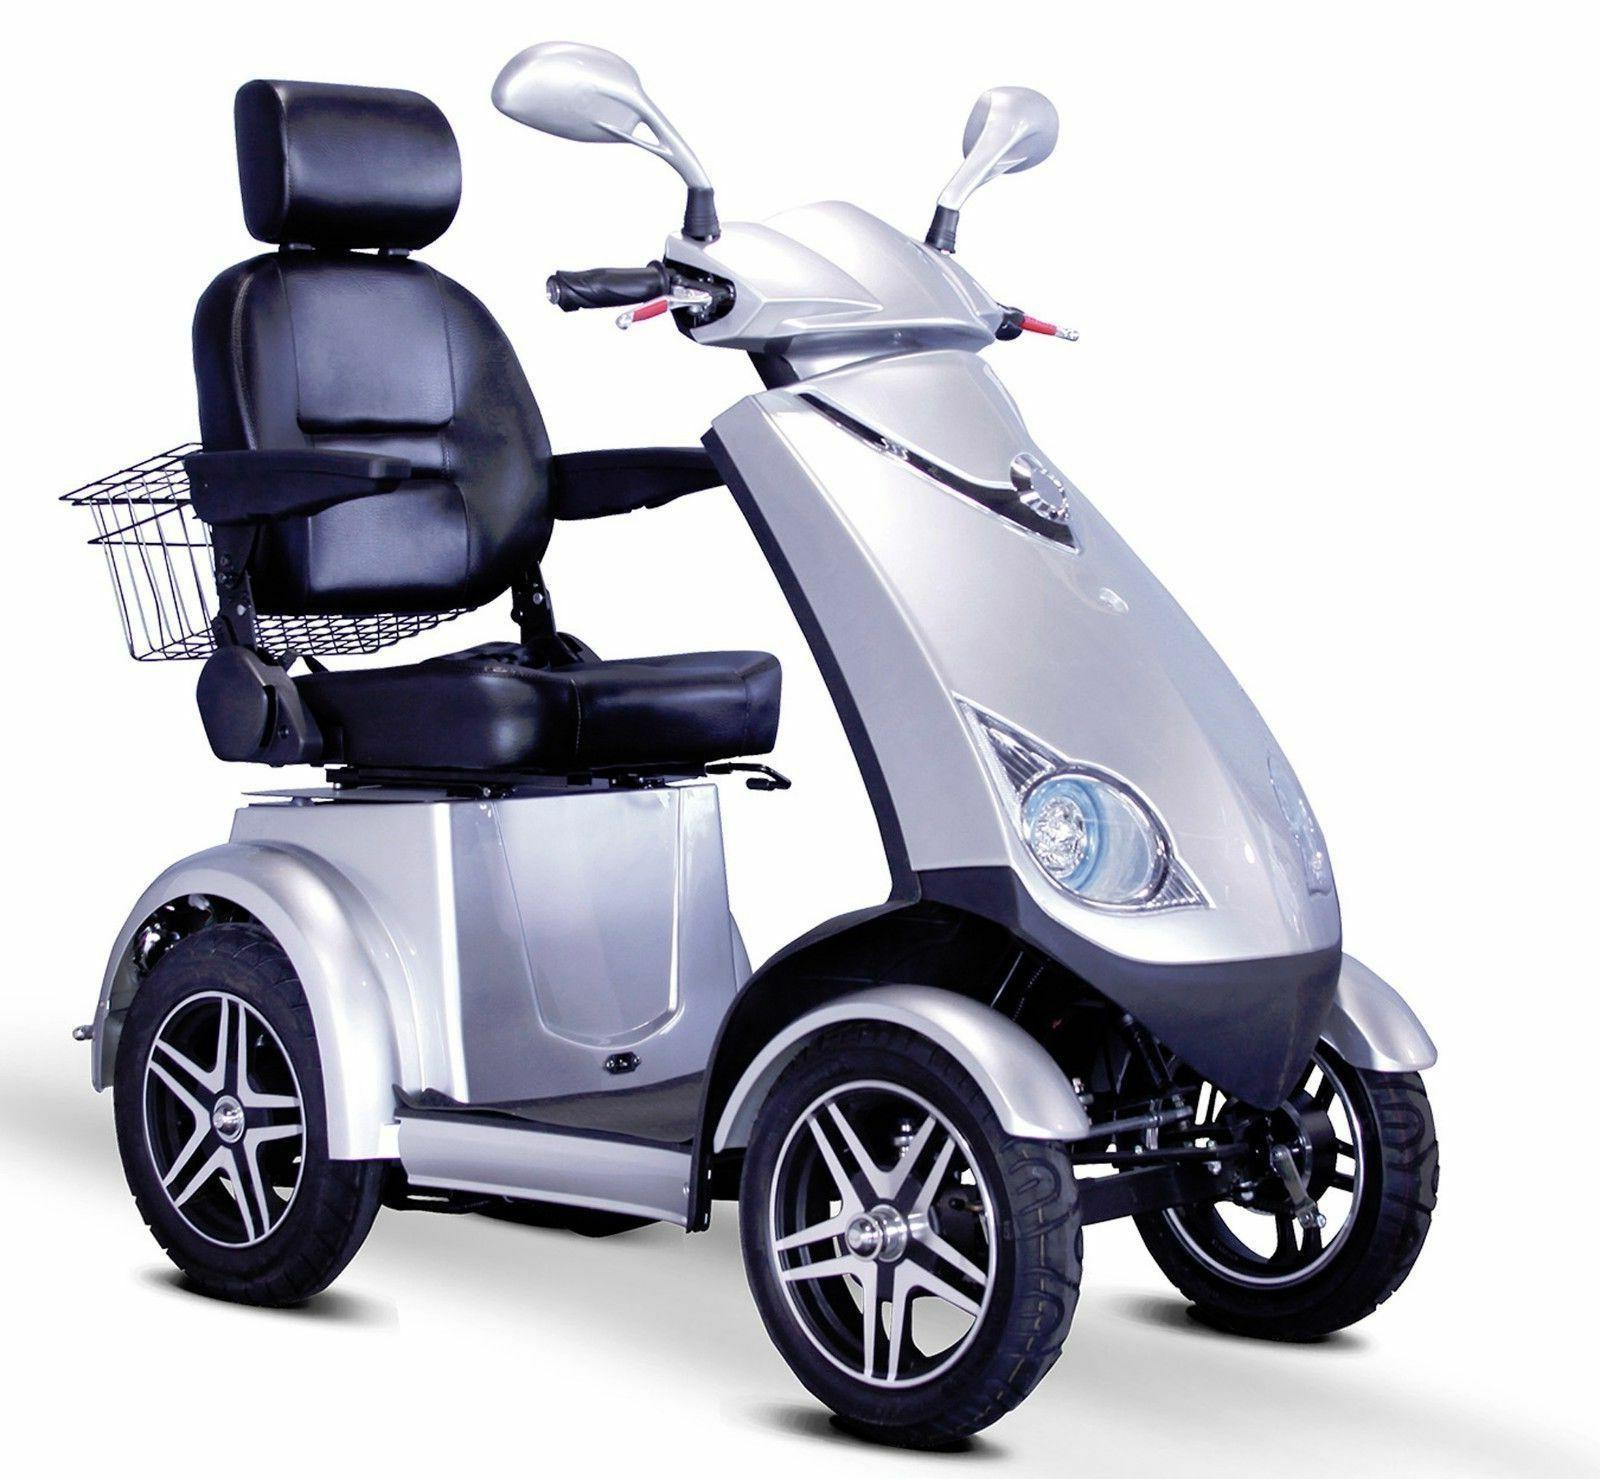 4 wheel heavy duty scooter